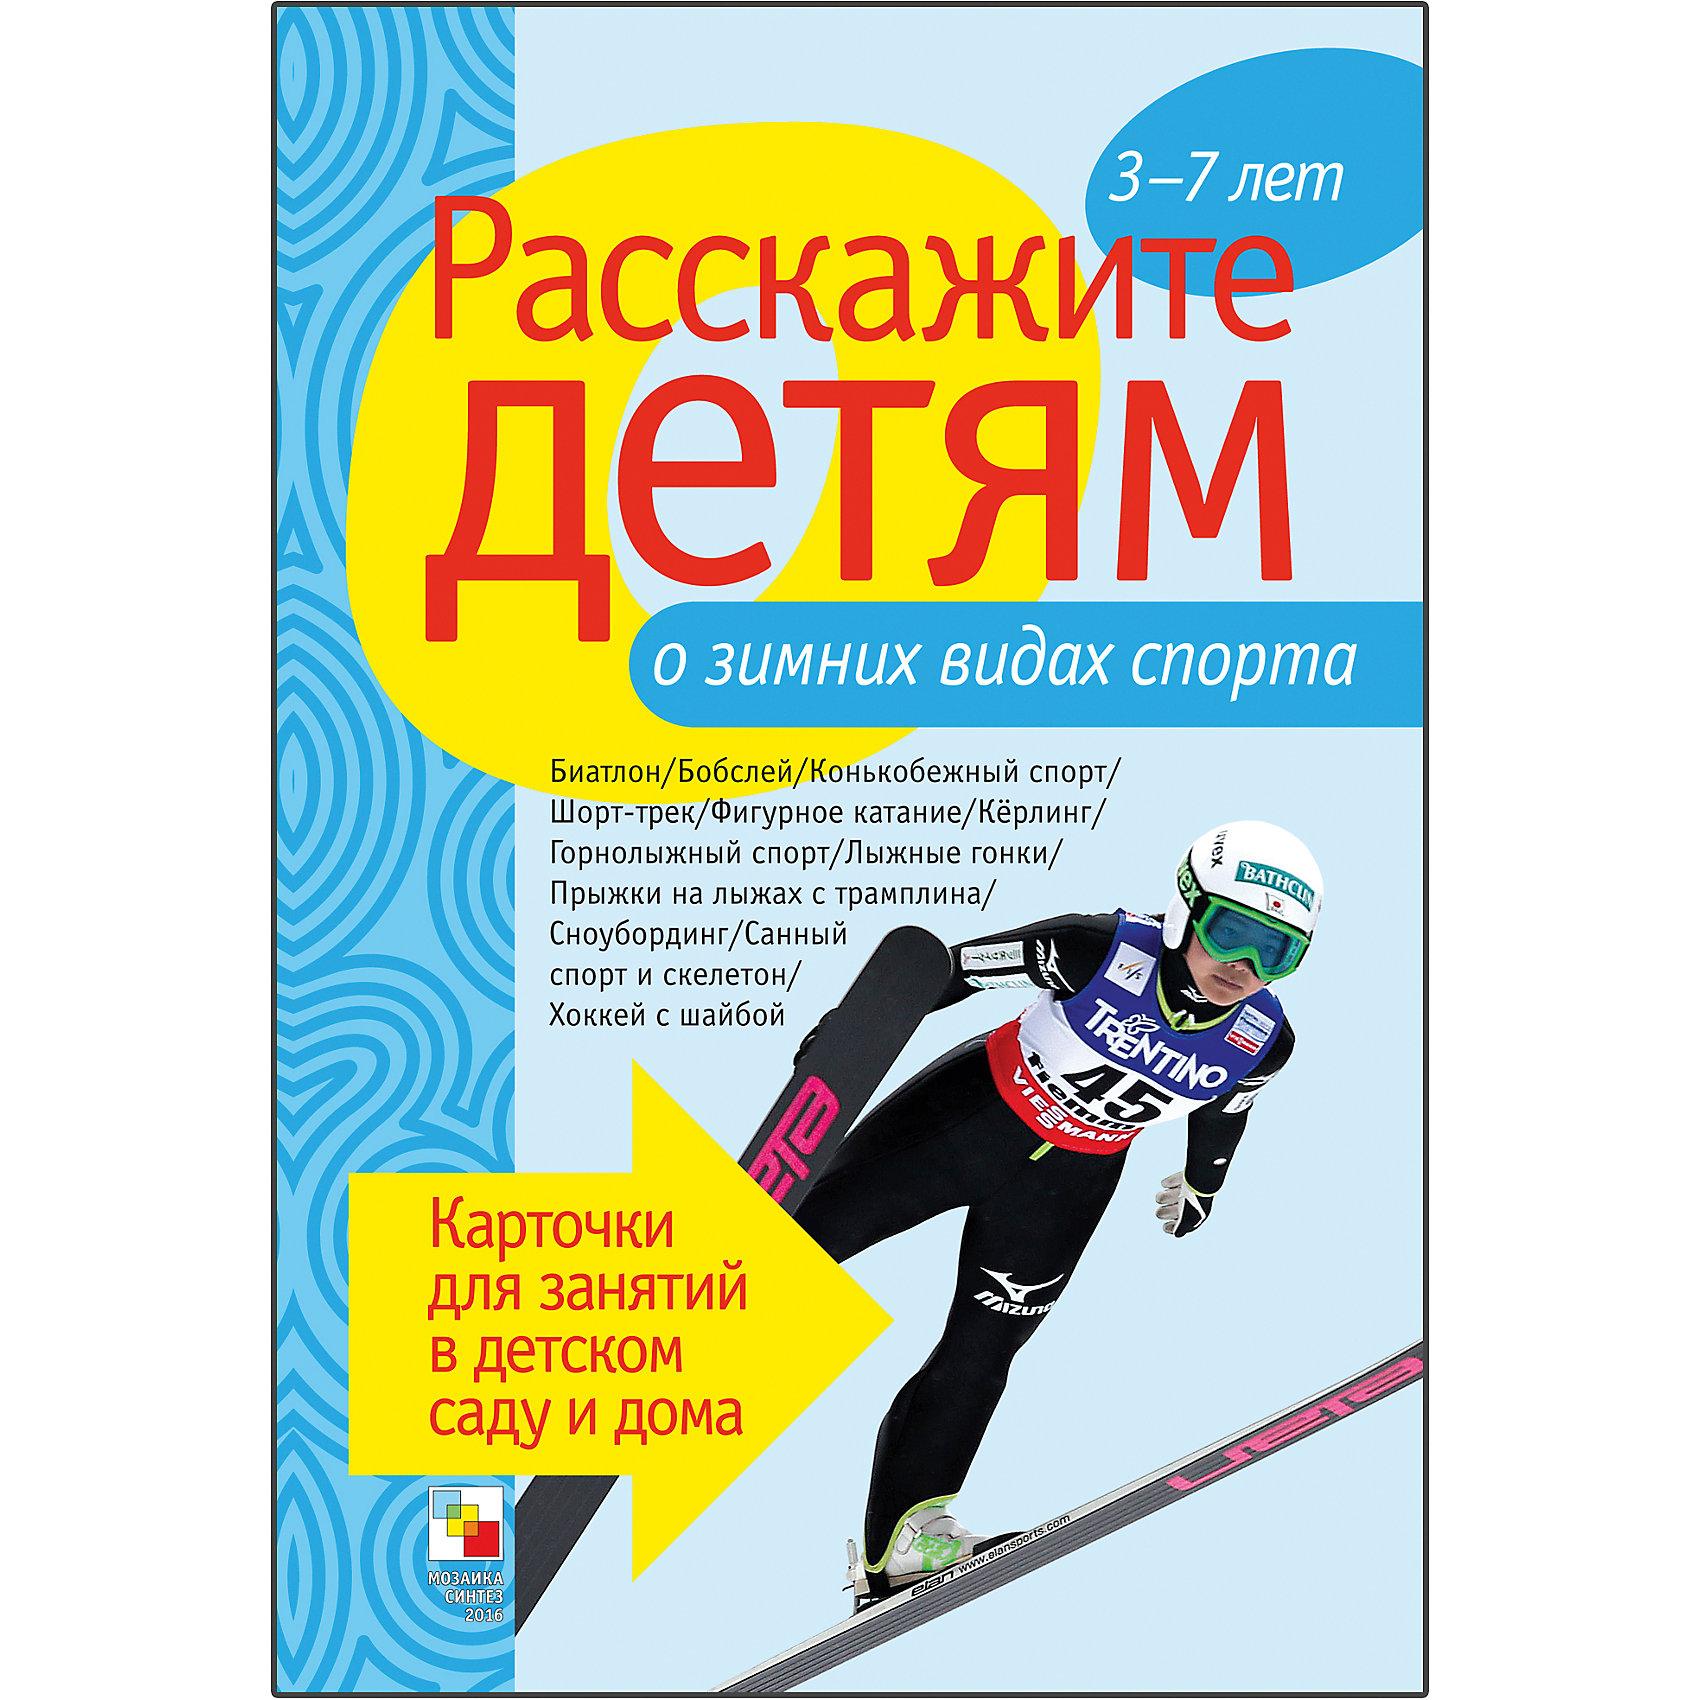 Карточки Расскажите детям о зимних видах спорта, Мозаика-СинтезОбучающие карточки<br>Пособие Расскажите детям о зимних видах спорта, Мозаика-Синтез.<br><br>Характеристики:<br><br>• Издательство: МОЗАИКА-СИНТЕЗ<br>• ISBN: 9785431503467<br>• Тип: папка с карточками, обложка твердая.<br>• Возраст: от 3-7 лет.<br>• Размер книги: 210х150х5 мм.<br>• Количество страниц: 12<br><br>Расскажите детям о зимних видах спорта.<br>Наглядное пособие с красочными фотографиями поможет Вам рассказать малышам много нового и интересного о зимних видах спорта. Они узнают, что такое бобслей и как управлять «бобами», откуда возникло русское слово «коньки» и что такое шорт-трек. Пособие расскажет об одном из самых зрелищных видов спорта – фигурном катании и об одном из самых древних - кёрлинге, о горнолыжном спорте, о лыжных гонках и прыжках с трамплина, о хоккее, санном спорте и сноуборде. <br><br>На оборотной стороне карточек Вы найдете содержательную информацию, сопровождаемую стихами и загадками. Эта информация поможет сделать Ваш рассказ увлекательным и познавательным для каждого малыша.<br><br>Пособие Расскажите детям о зимних видах спорта, Мозаика-Синтез, можно купить в нашем интернет – магазине.<br><br>Ширина мм: 5<br>Глубина мм: 150<br>Высота мм: 210<br>Вес г: 102<br>Возраст от месяцев: 36<br>Возраст до месяцев: 84<br>Пол: Унисекс<br>Возраст: Детский<br>SKU: 5428915